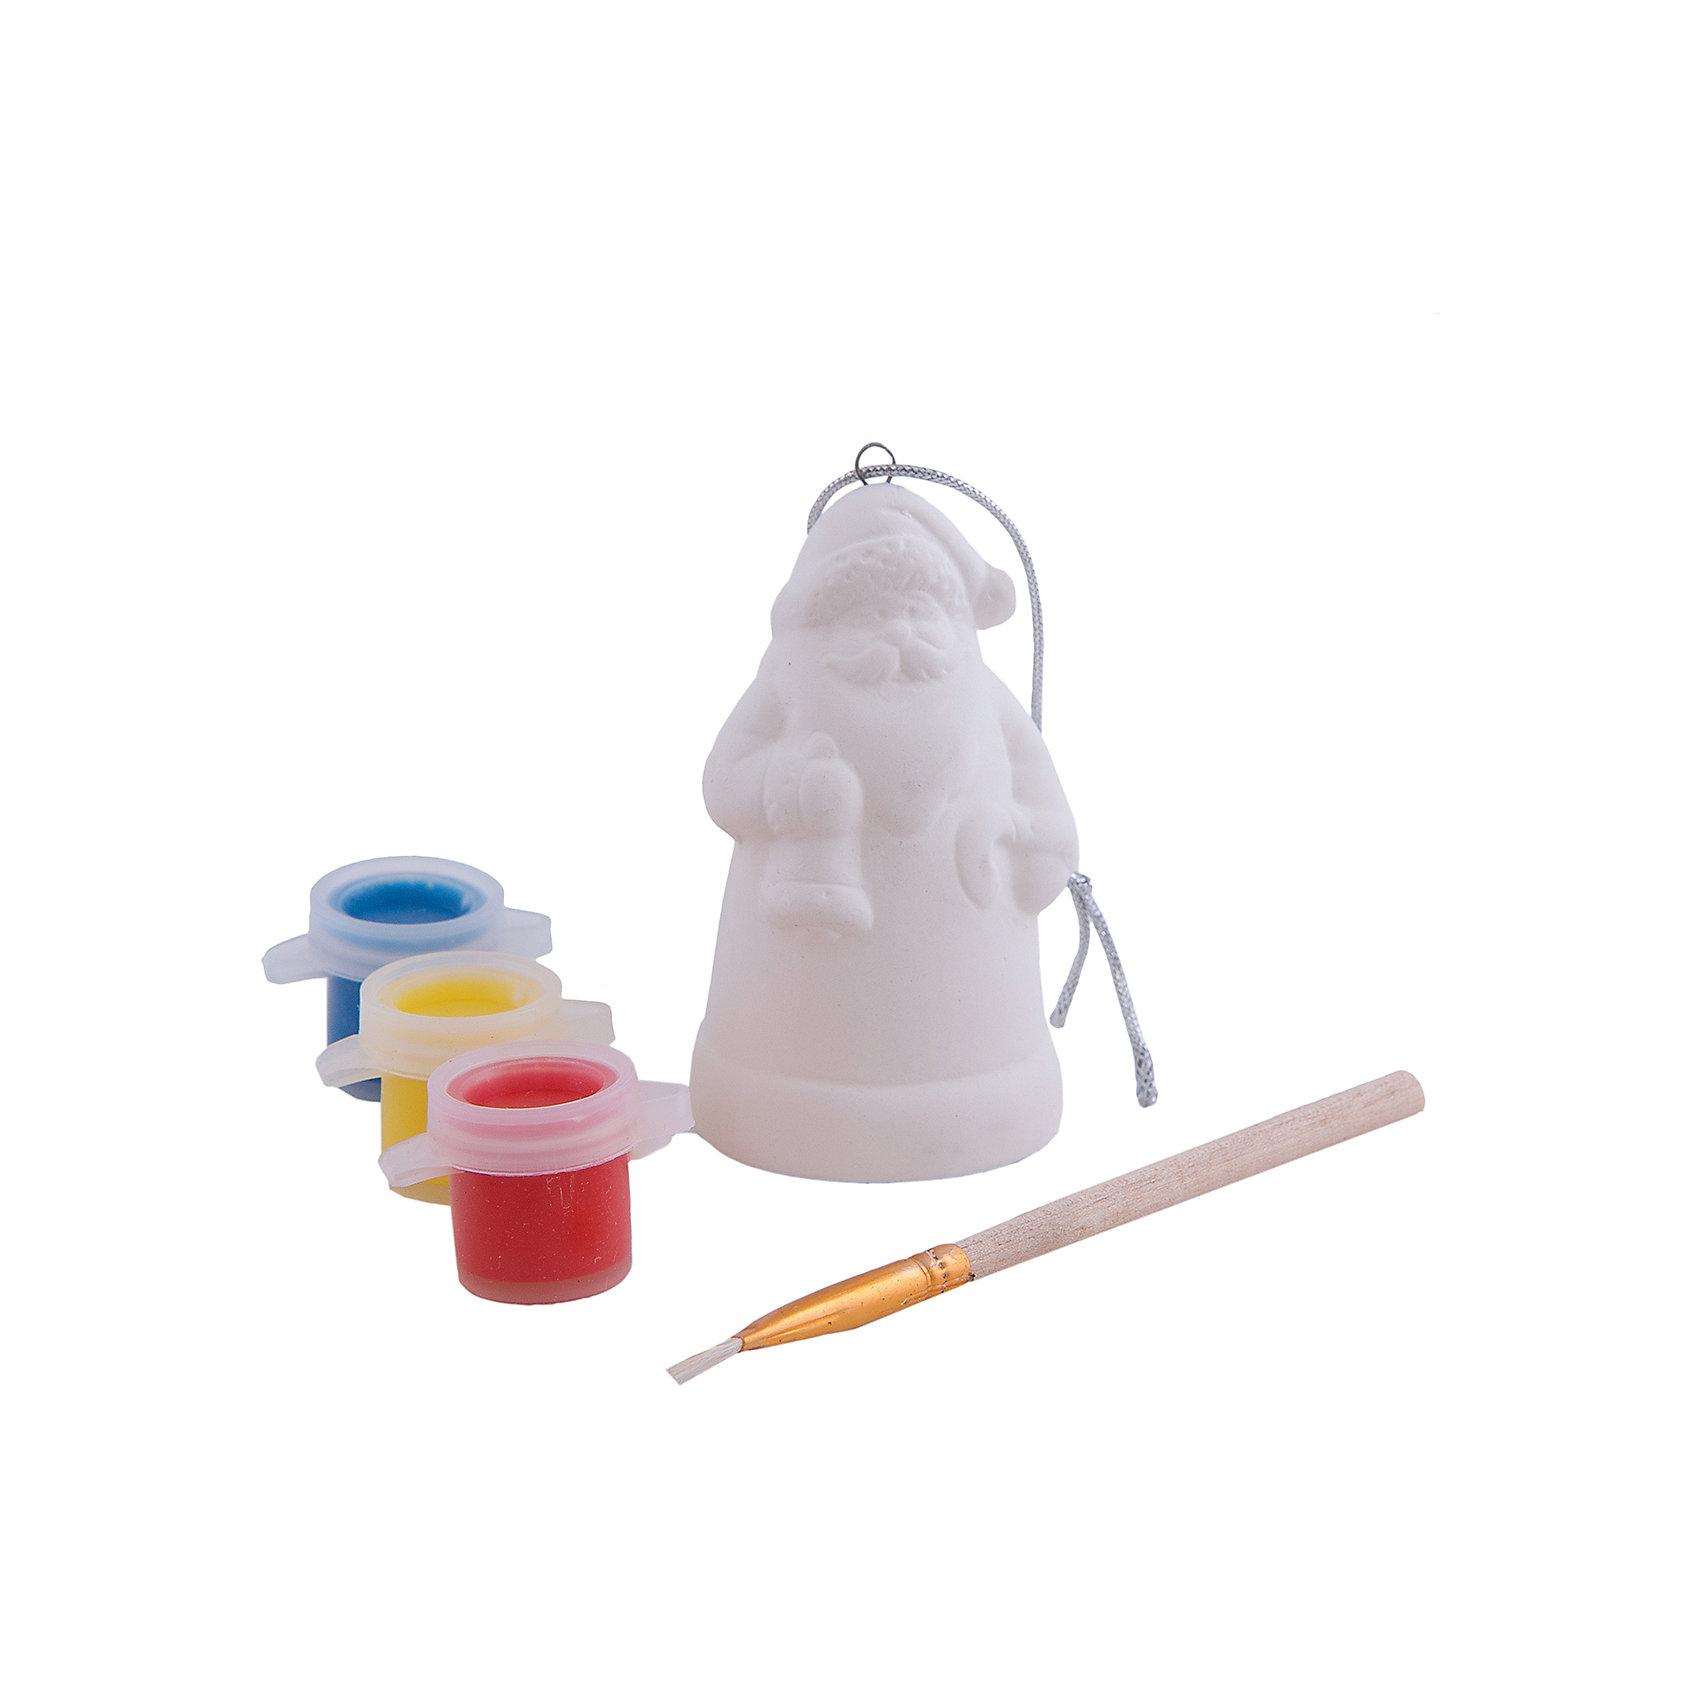 Набор для раскрашивания (керамика, 1 фигурка)Набор для раскрашивания (керамика, 1 фигурка)<br>Набор для раскрашивания станет приятным новогодним сюрпризом для Вашего ребенка. В комплект входит керамическая фигурка Деда Мороза, которую надо раскрасить понравившимися цветами, кисточка и краски. Готовая игрушка замечательно украсит Ваш новогодний интерьер и поможет создать праздничную волшебную атмосферу.<br><br>Дополнительная информация:<br><br>- В наборе: керамическая фигурка, три краски (желтая, красная, синяя), кисть<br>- Размер фигурки: 5,5 х 7,5 см.<br><br>Набор для раскрашивания (керамика, 1 фигурка) можно купить в нашем интернет-магазине.<br><br>Ширина мм: 230<br>Глубина мм: 230<br>Высота мм: 30<br>Вес г: 667<br>Возраст от месяцев: 36<br>Возраст до месяцев: 2147483647<br>Пол: Унисекс<br>Возраст: Детский<br>SKU: 4276464